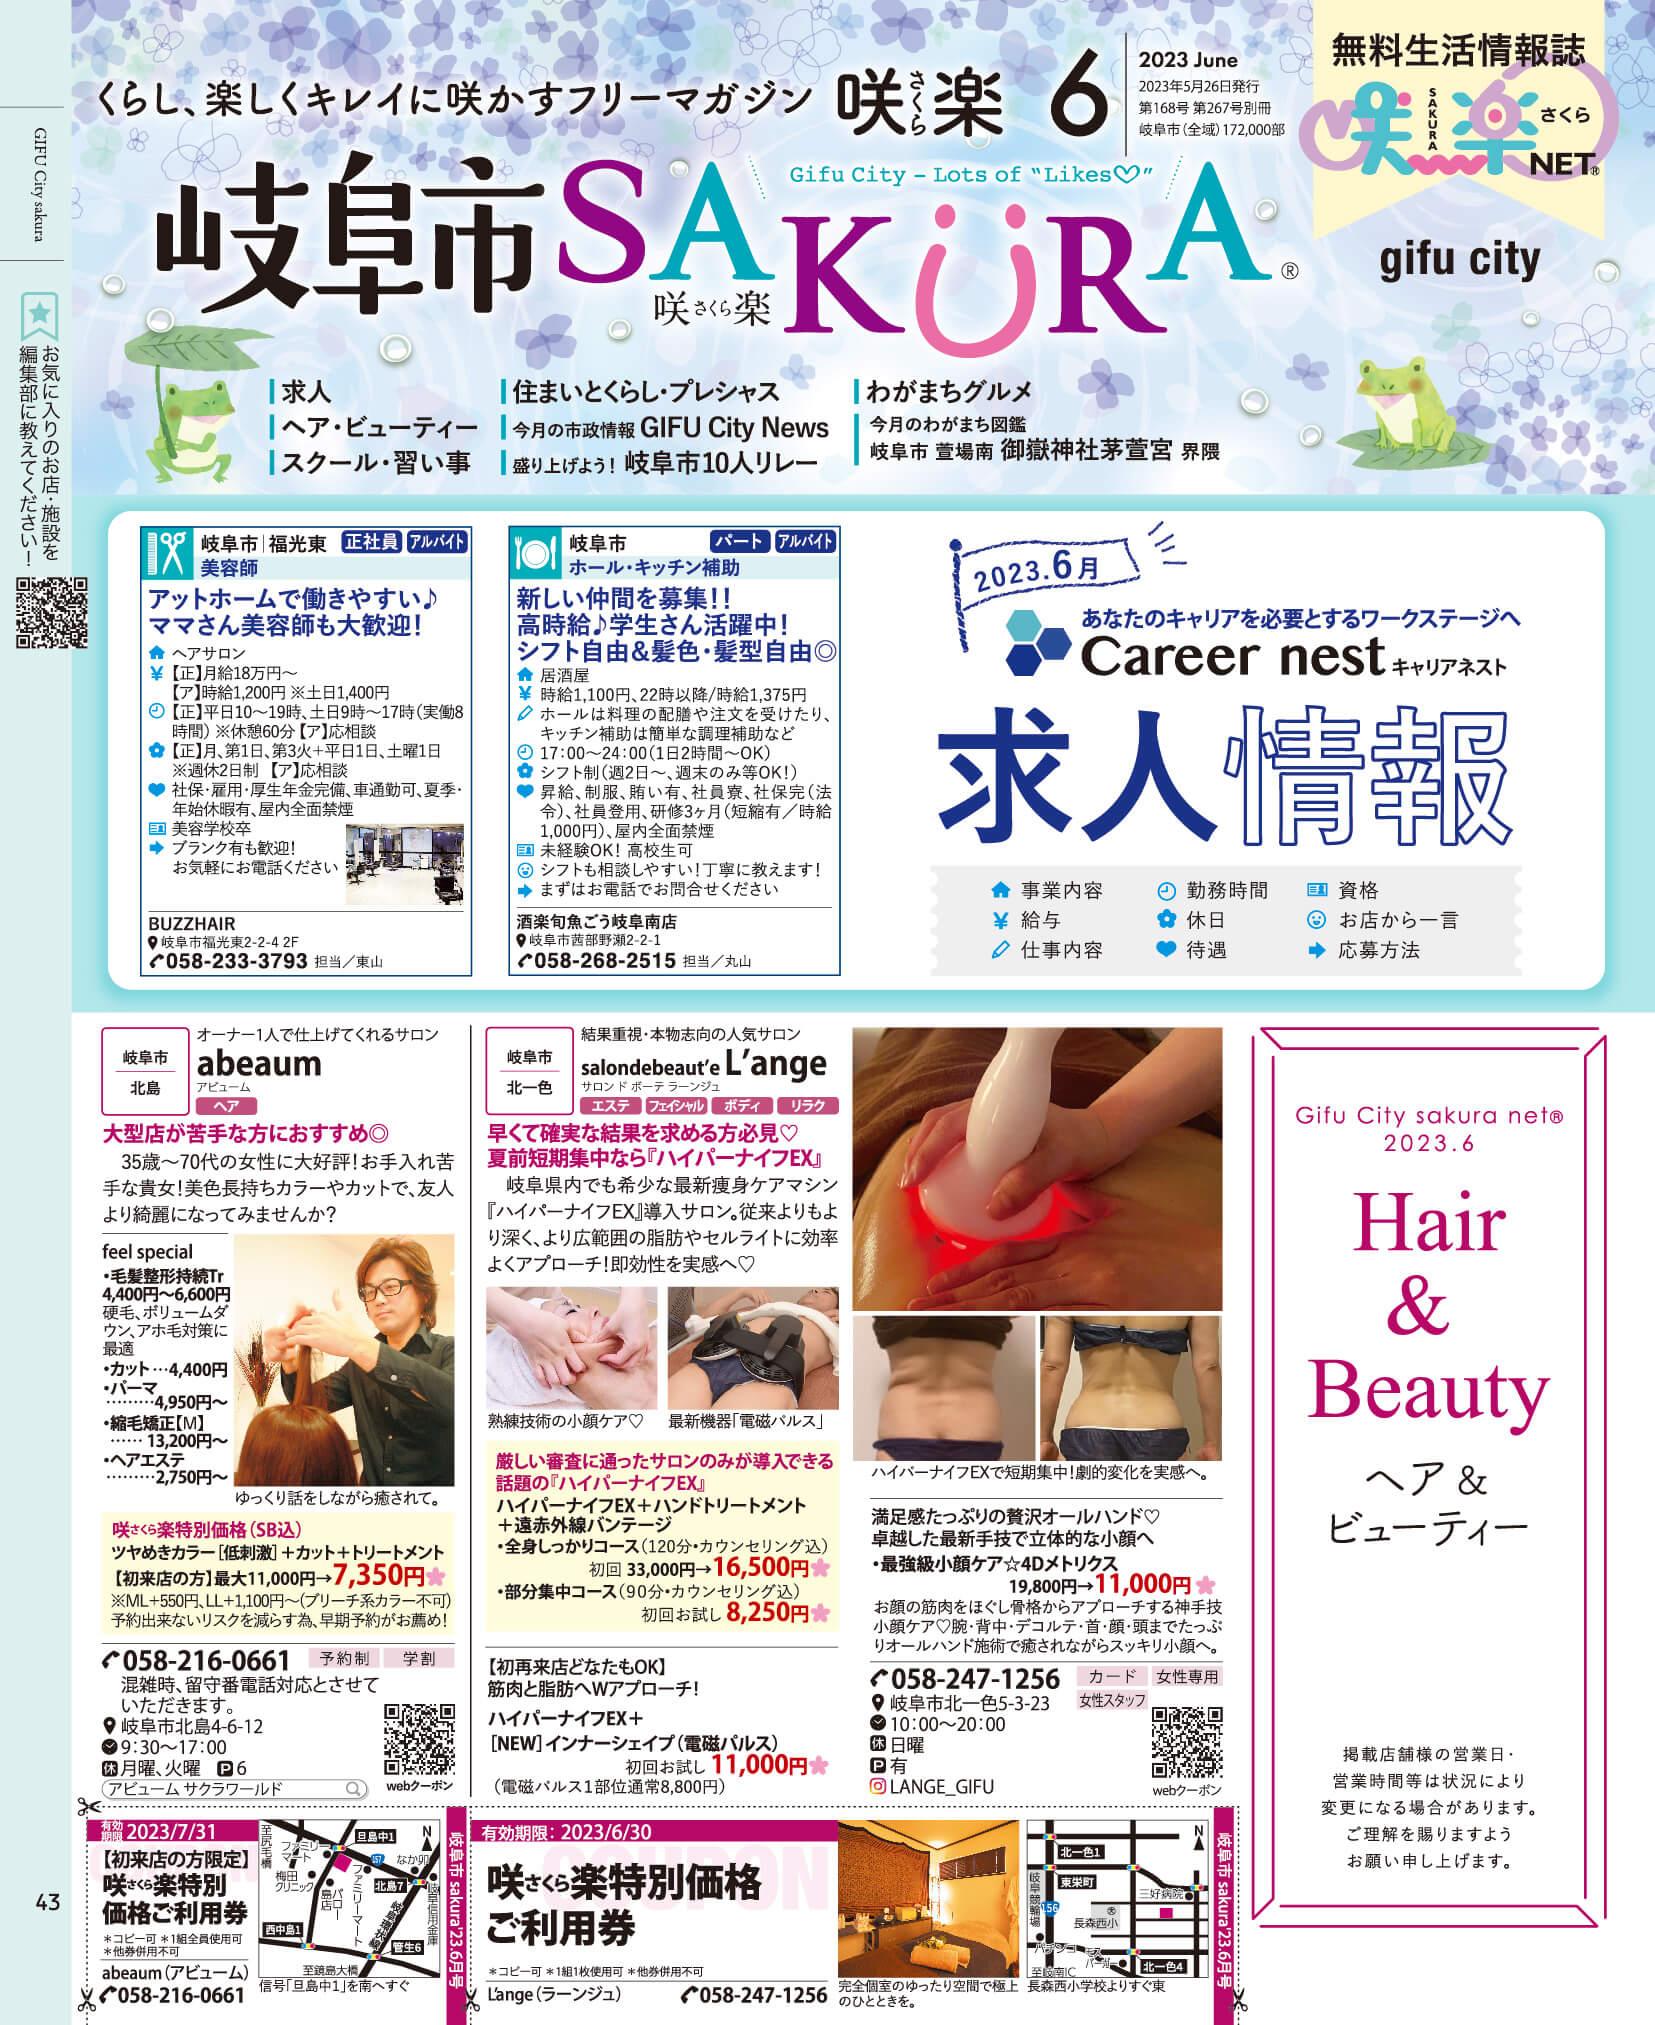 フリーペーパー岐阜city版咲楽(さくら)ぎふ咲楽NET別紙